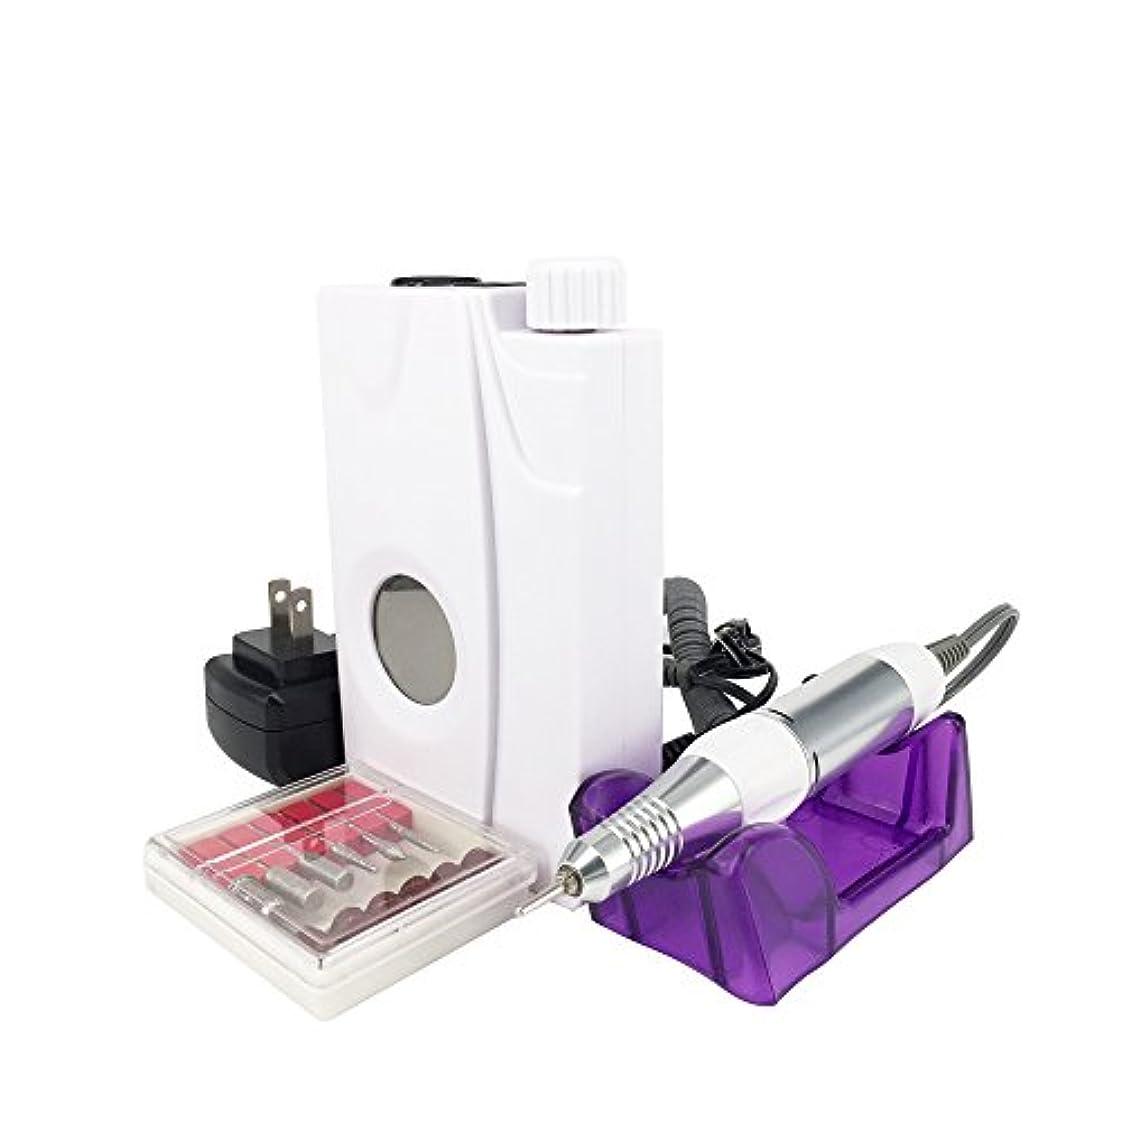 内訳とは異なりエミュレーションUZMEI 30000rpm Professional Electric Nail File Machine Cordless Rechargeable Nail Drill Electric Nail Buffer